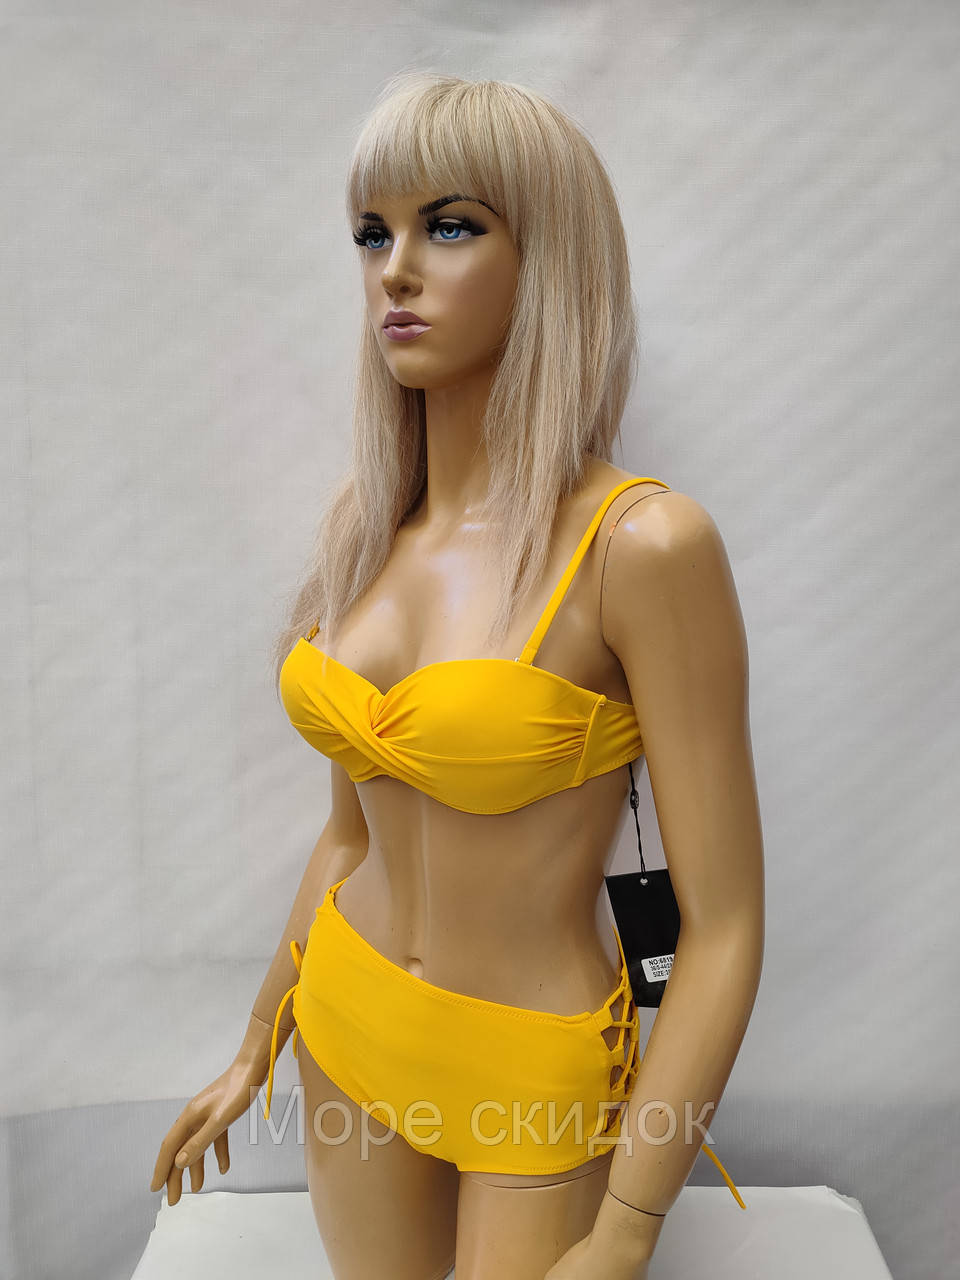 6Купальник FUBA 6819 желтый  (в наличии  44  размеры)